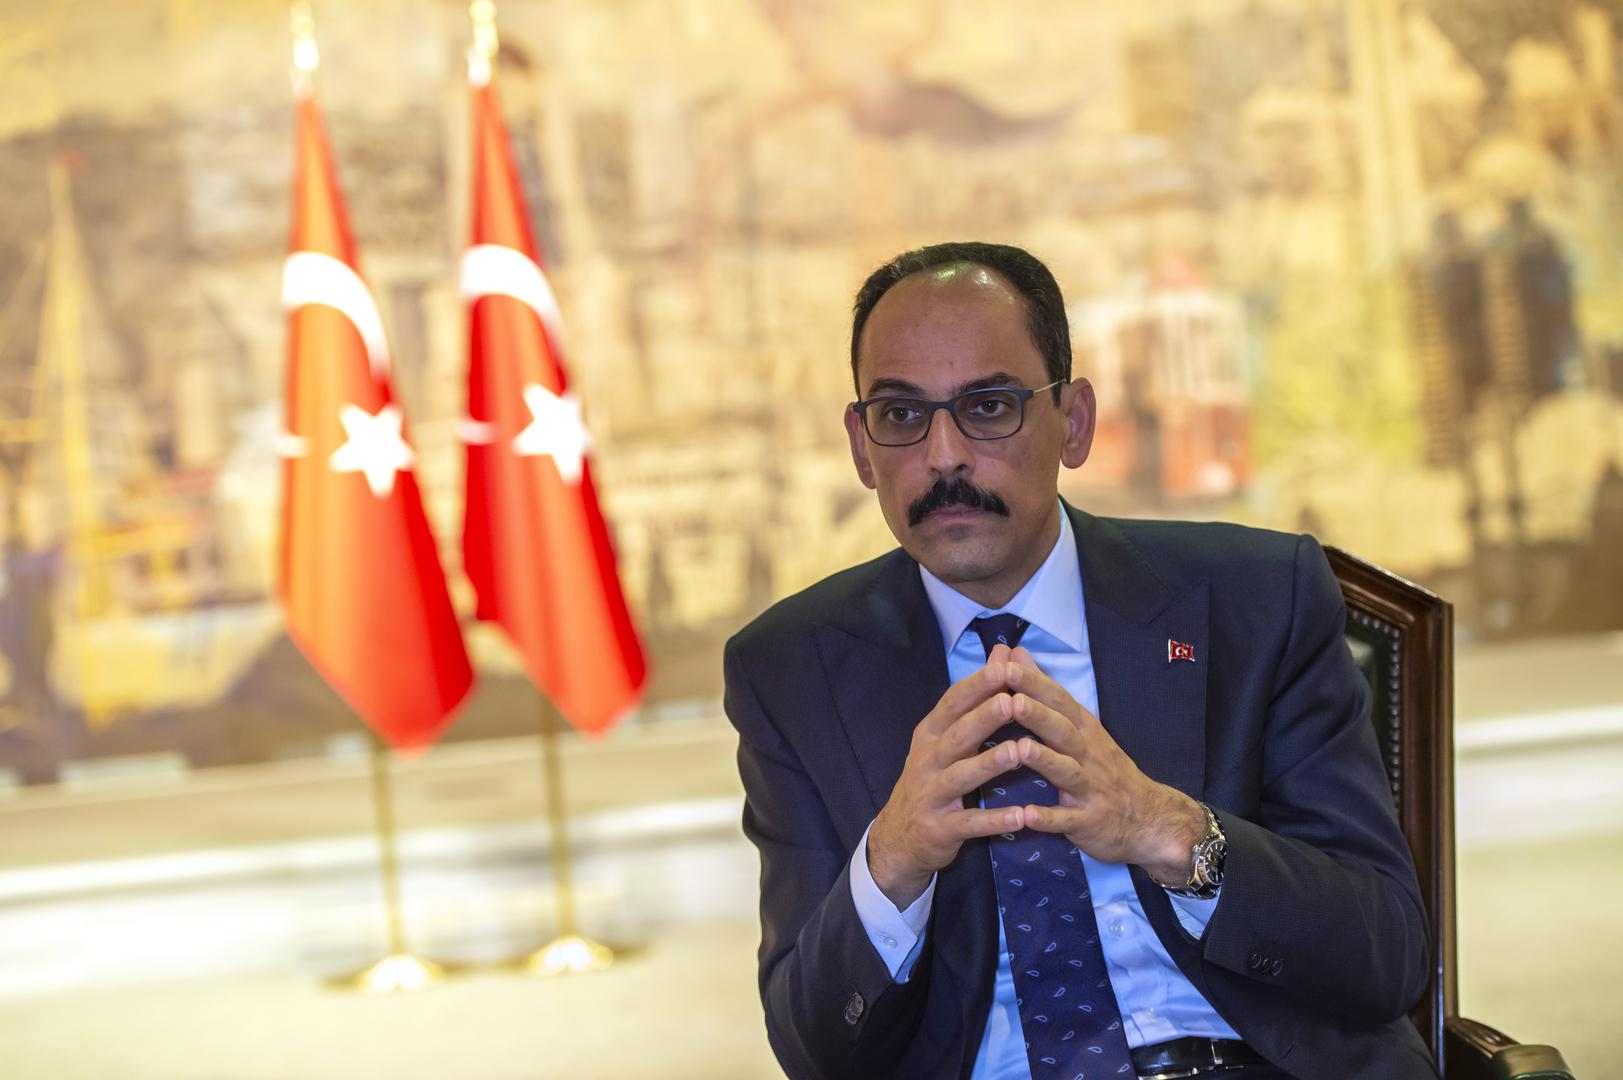 المتحدث الرئاسي التركي: قتل سليماني تصرف استفزازي